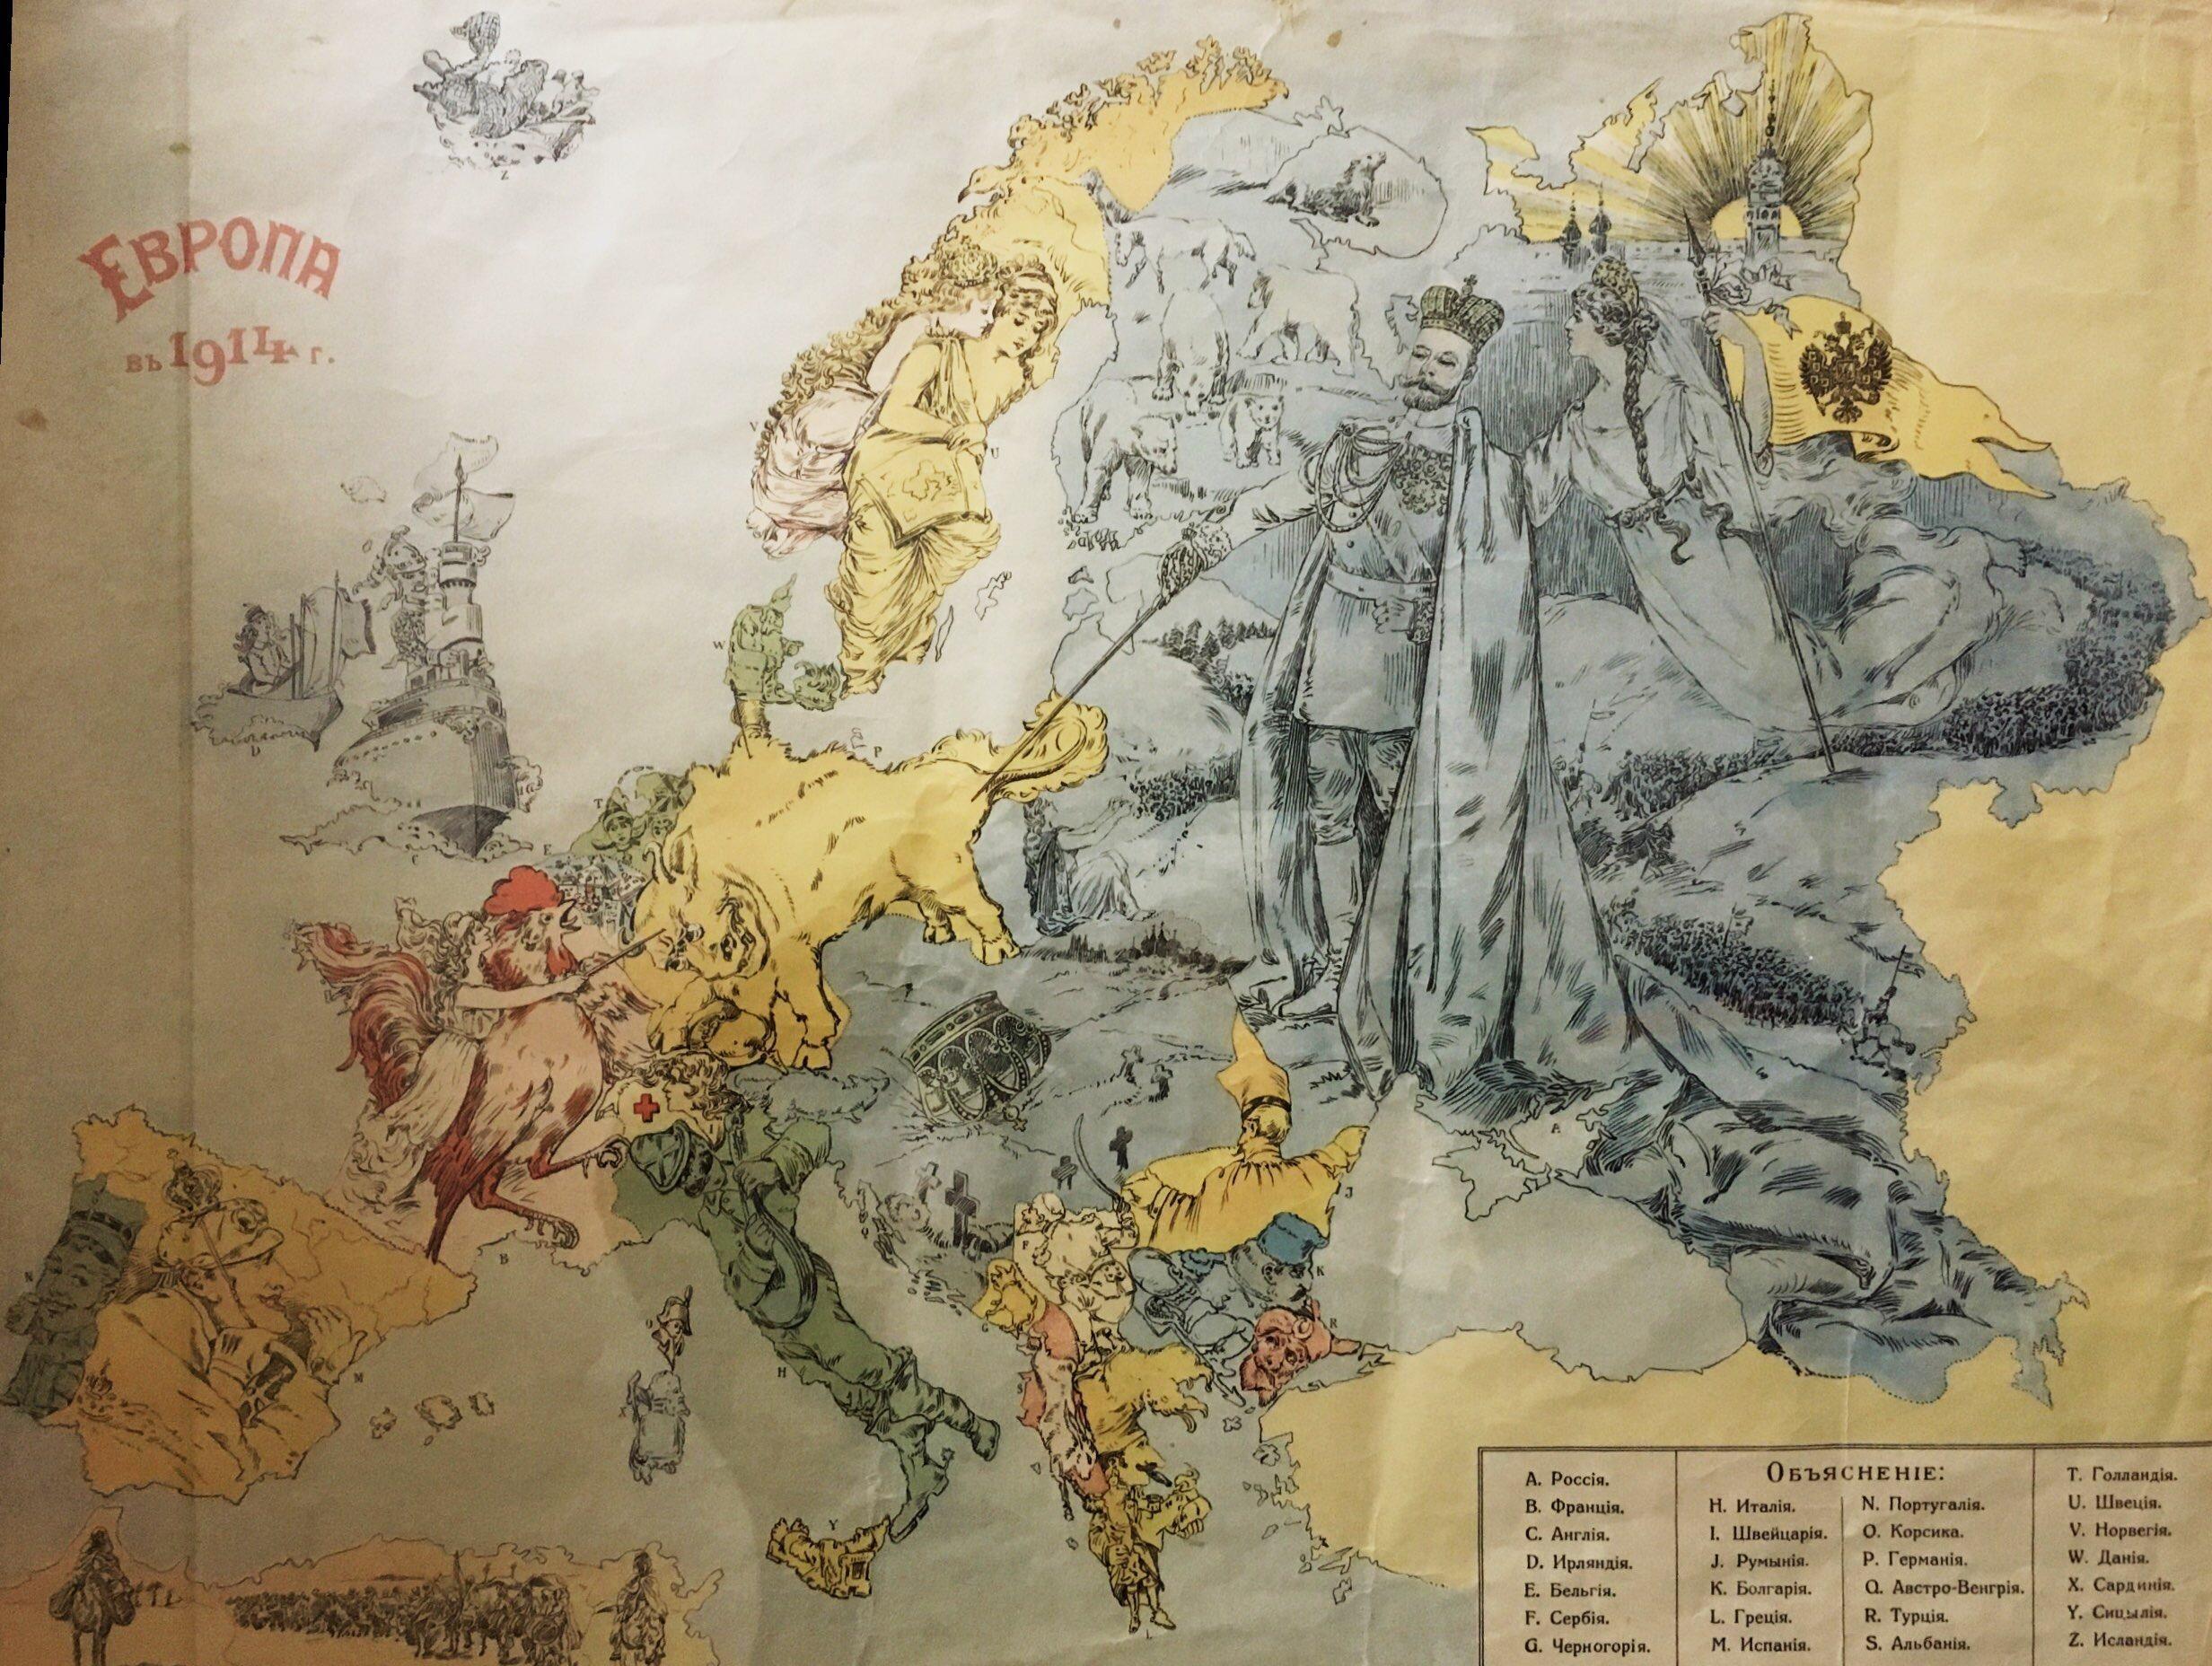 Propaganda map in 1914 Russian empire